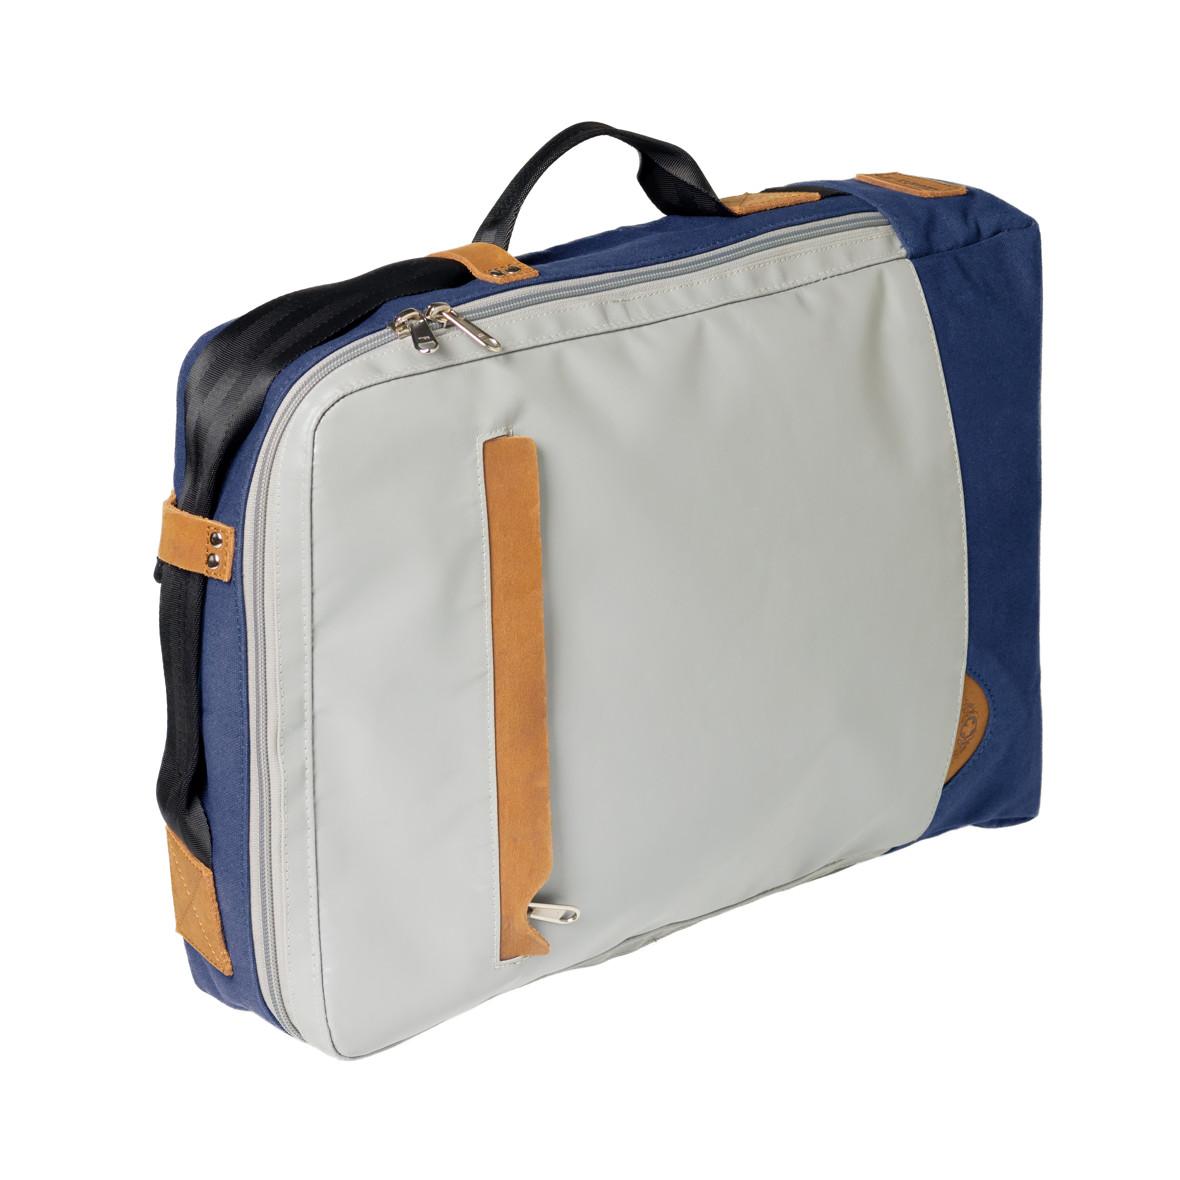 Rucksack der Collection Bundesordner von Biella als Tragtasche